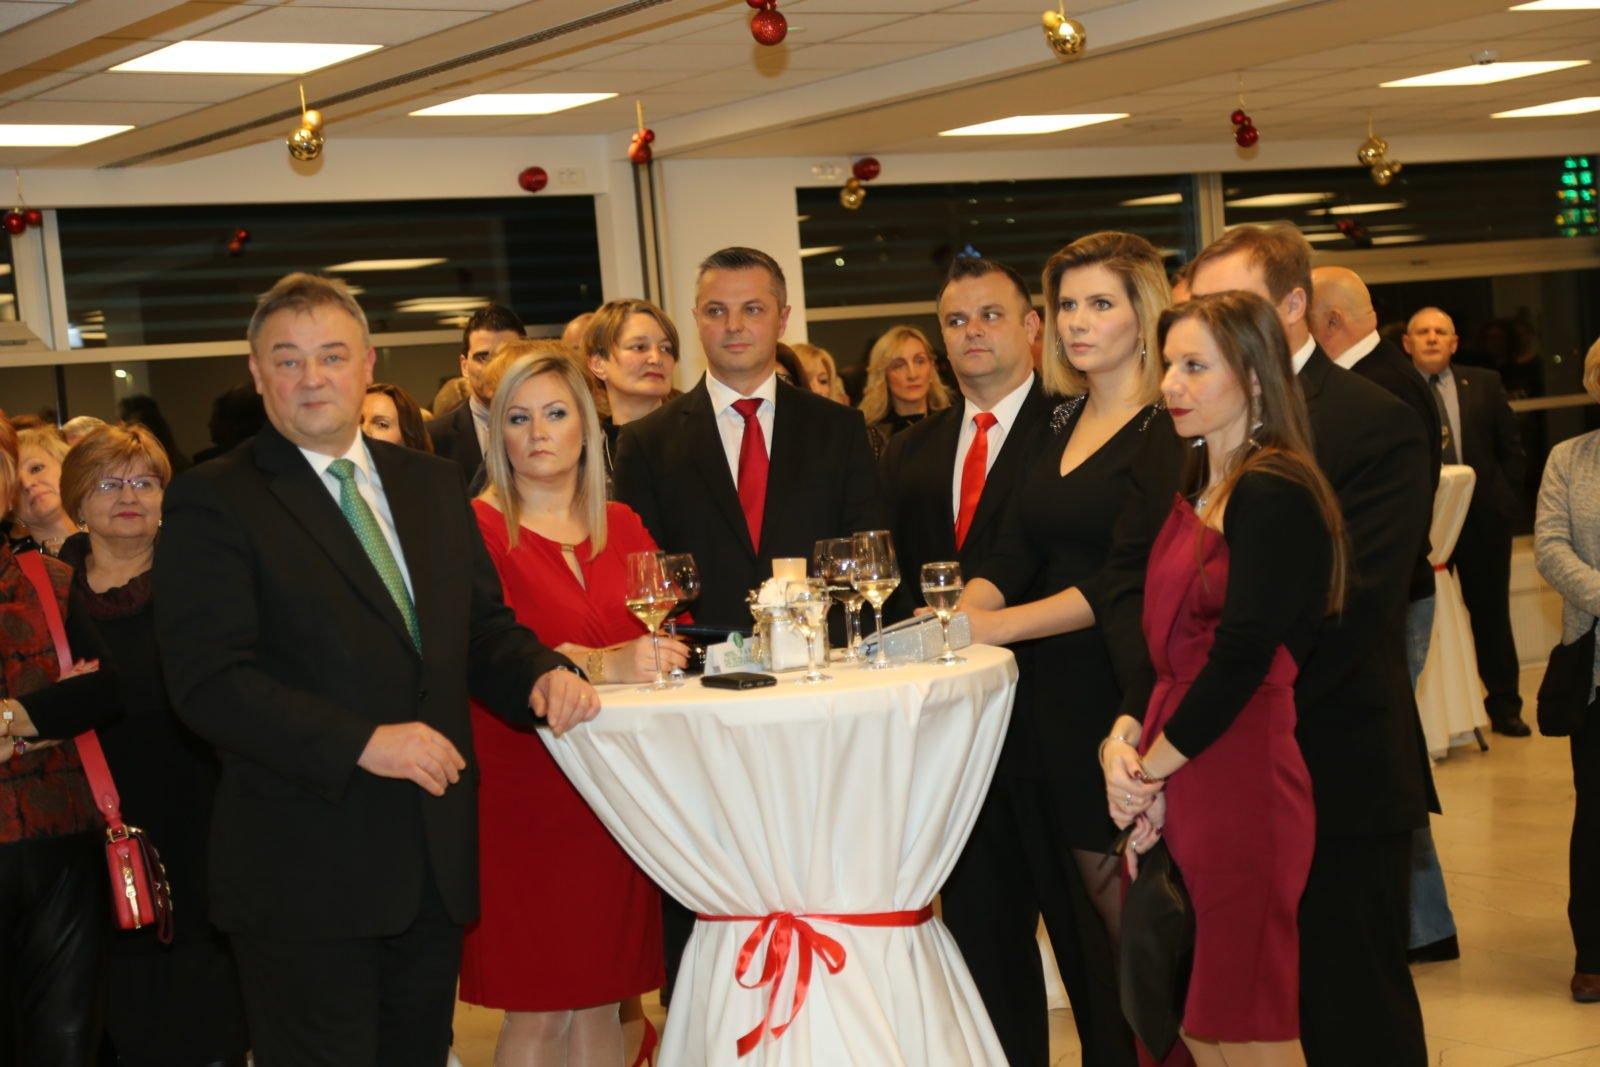 FOTO: Župan Posavec na blagdanskom prijamu gradonačelnika Kovača: Poboljšali odnose, zbog viših interesa!?